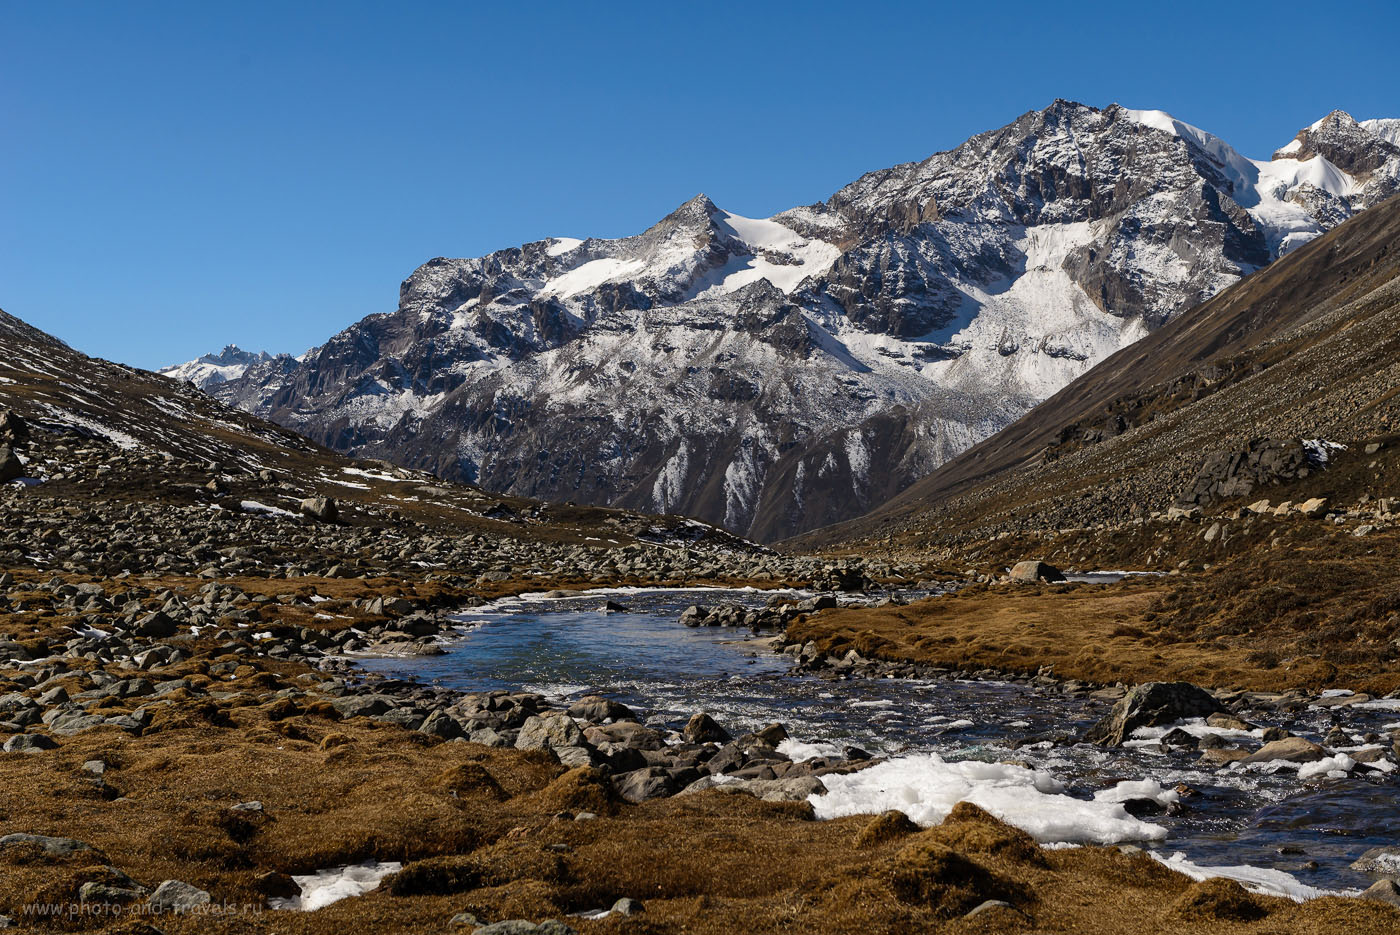 Фото 7. Вид на гору, с которой мы приехали вYumesamdong. За ней – долинаYumthangValley. Поездка из Гангтока на север Сиккима. Отчет о самостоятельном путешествии по Индии. 1/800, -1.0, 8.0, 250, 56.